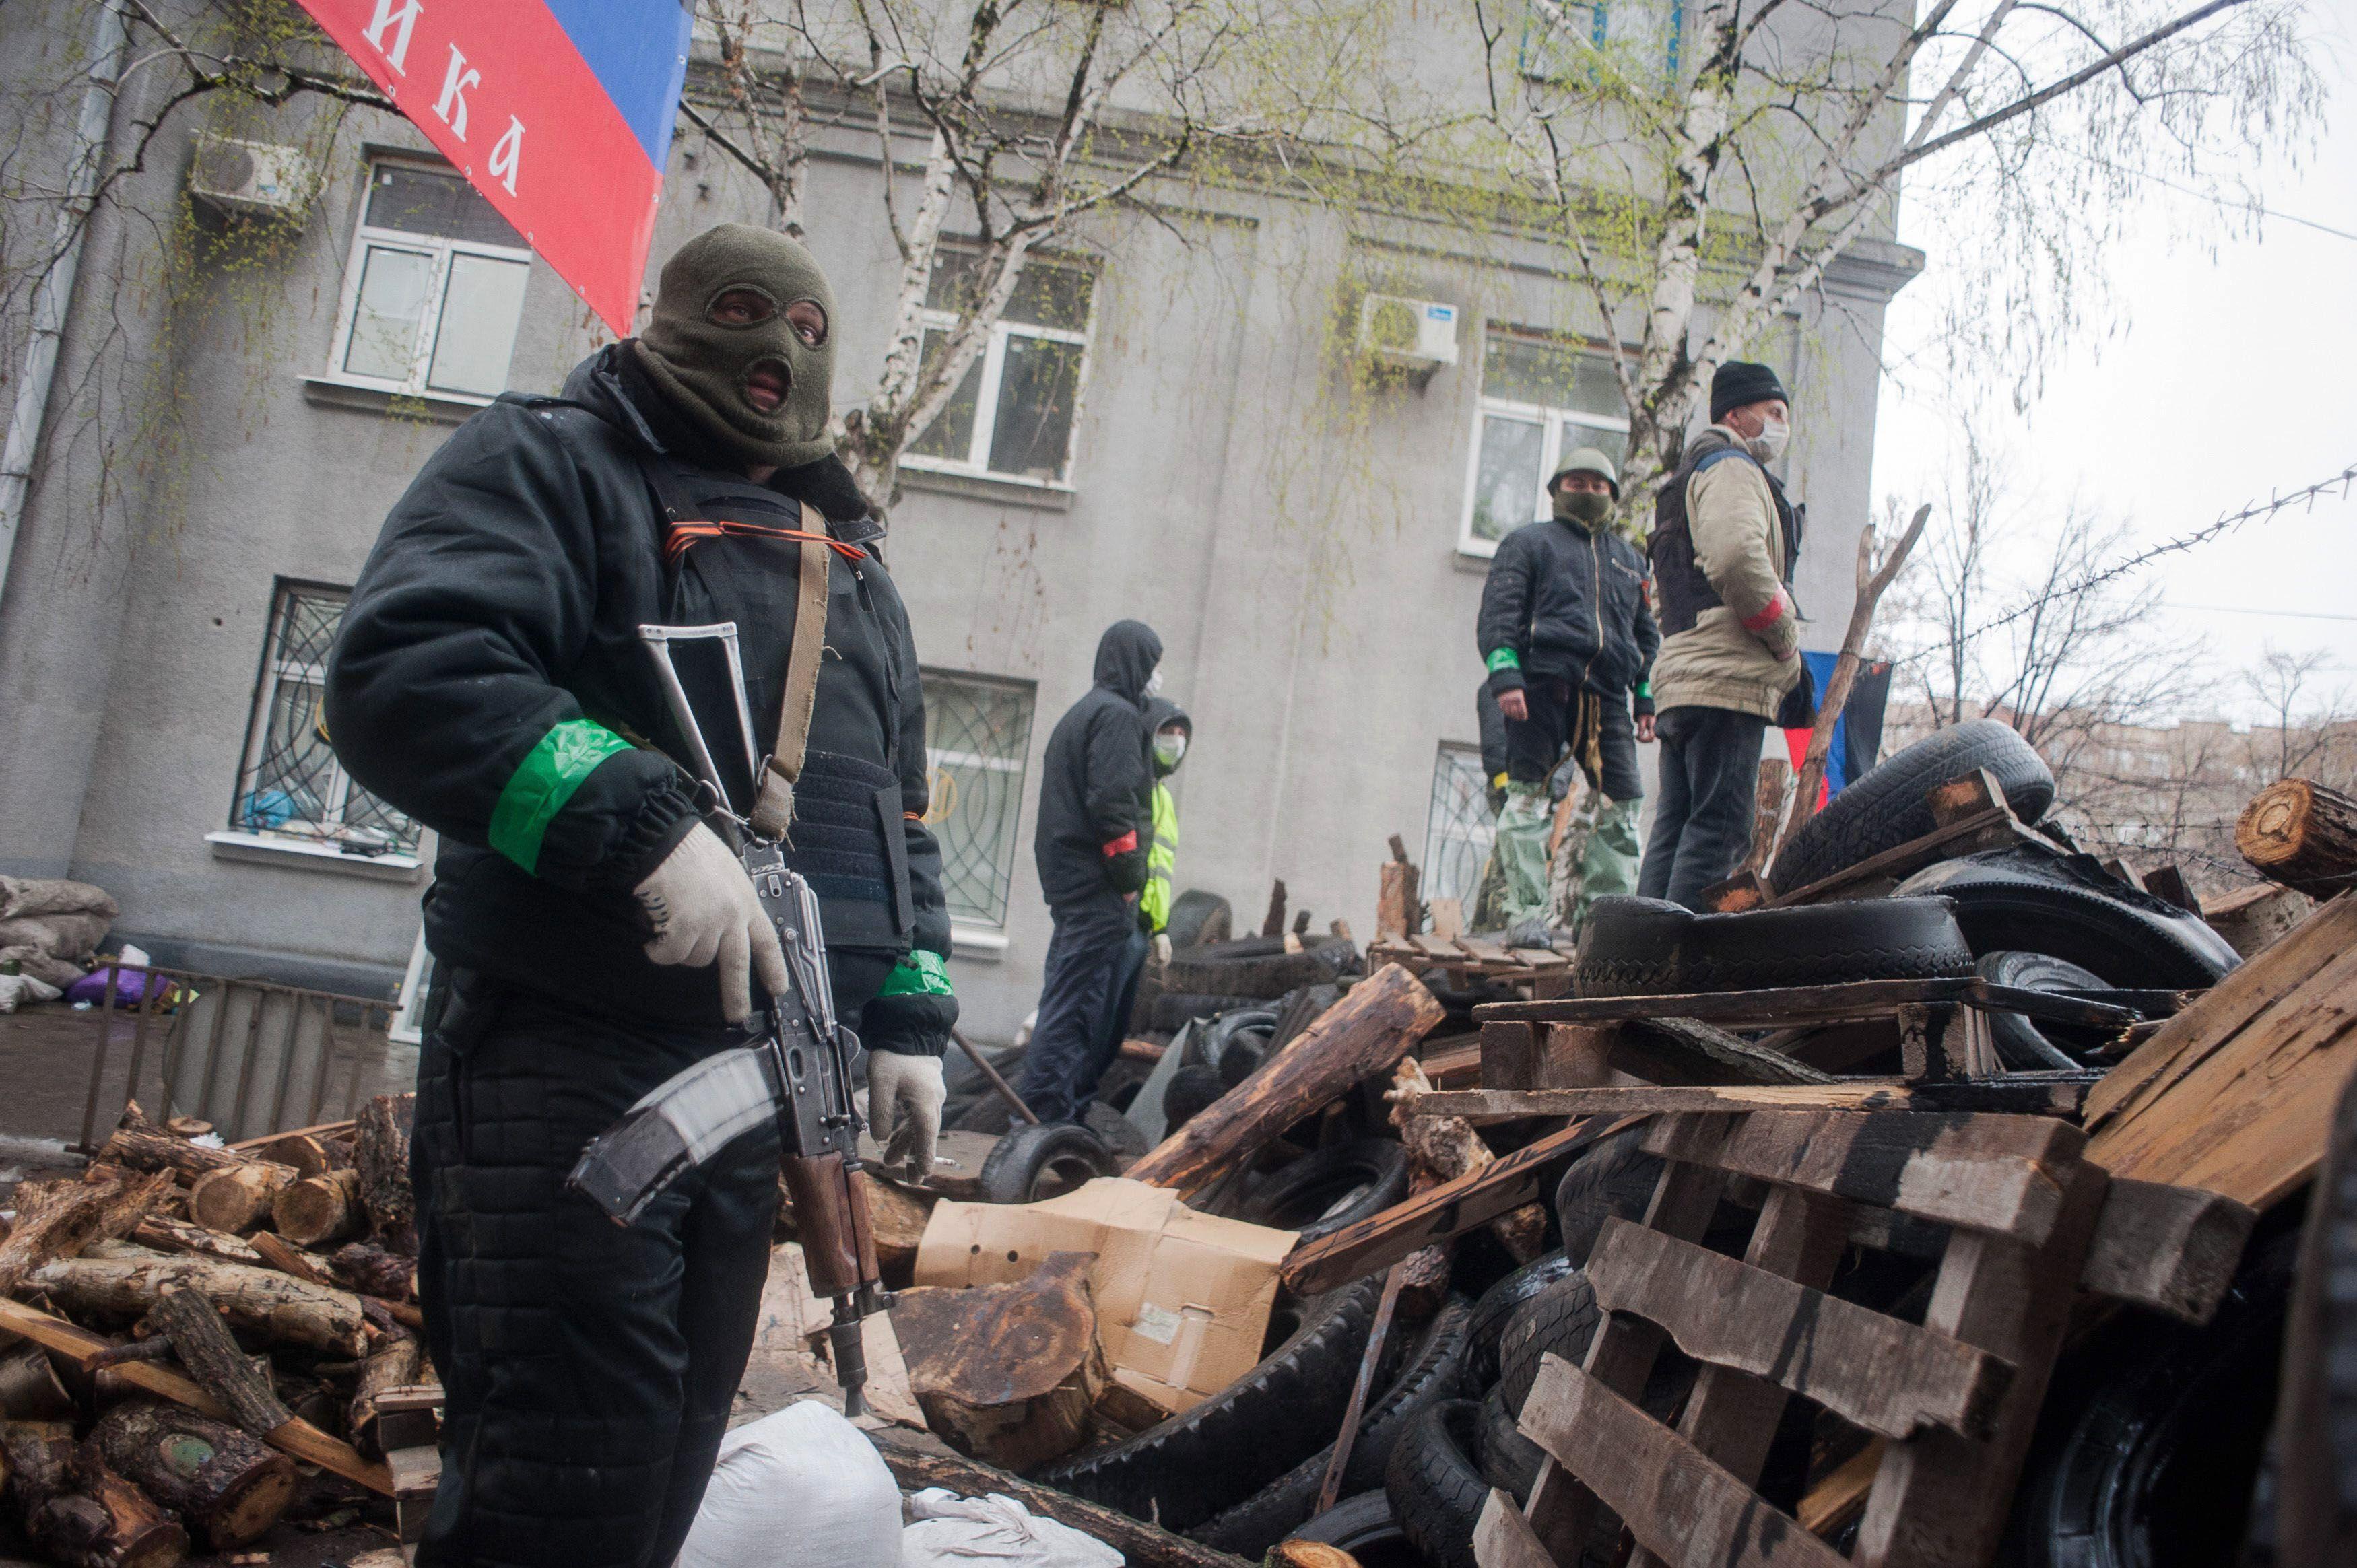 El Gobierno de Ucrania quiere llevar adelante una operación antiterrorista con la ONU